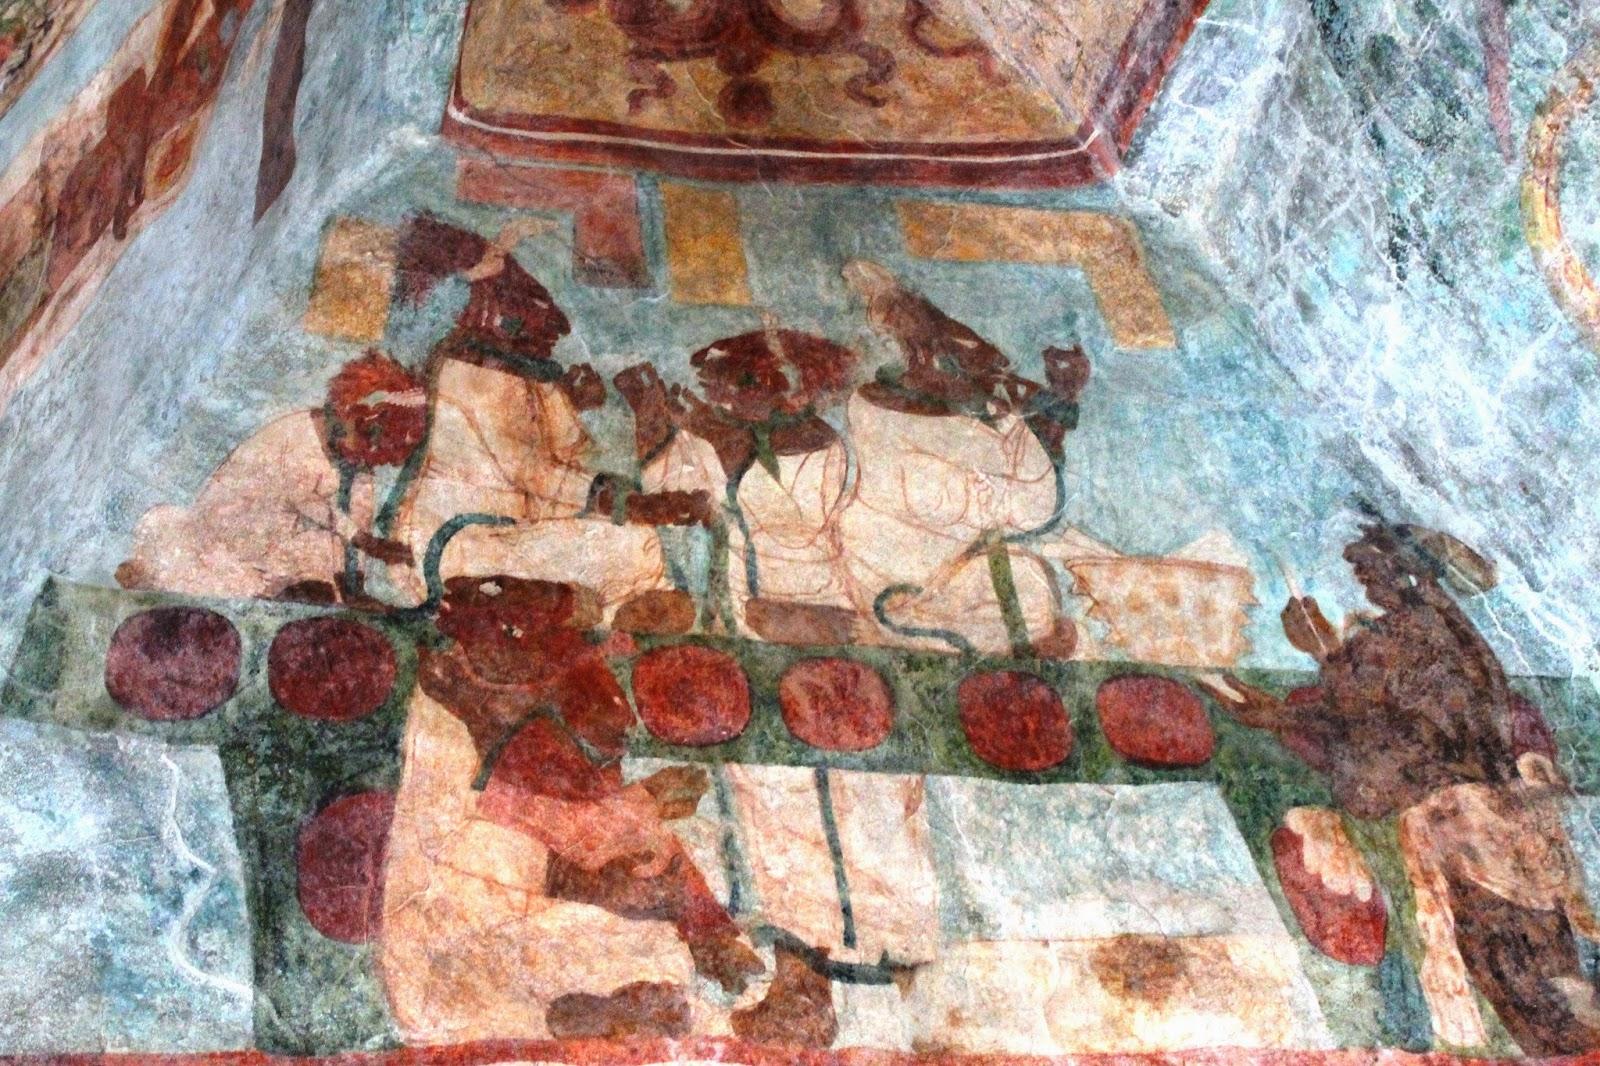 affreschi bonampak chiapas